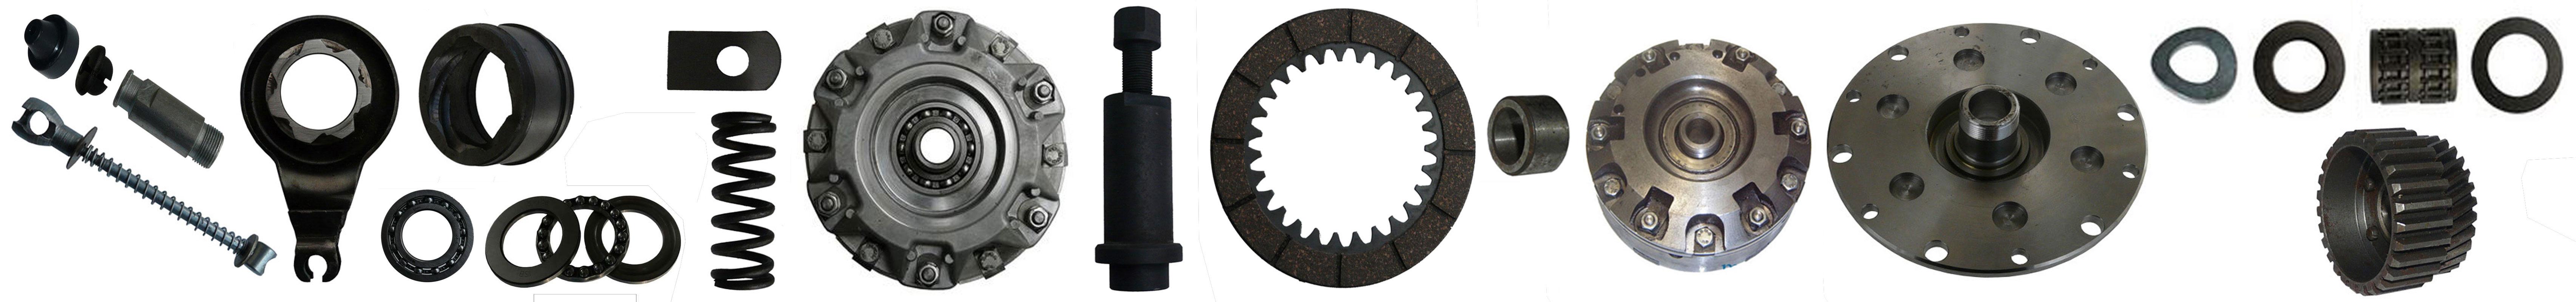 MZ TS 250-0 MZ TS 250-1 Ersatzteile Motor Kupplung